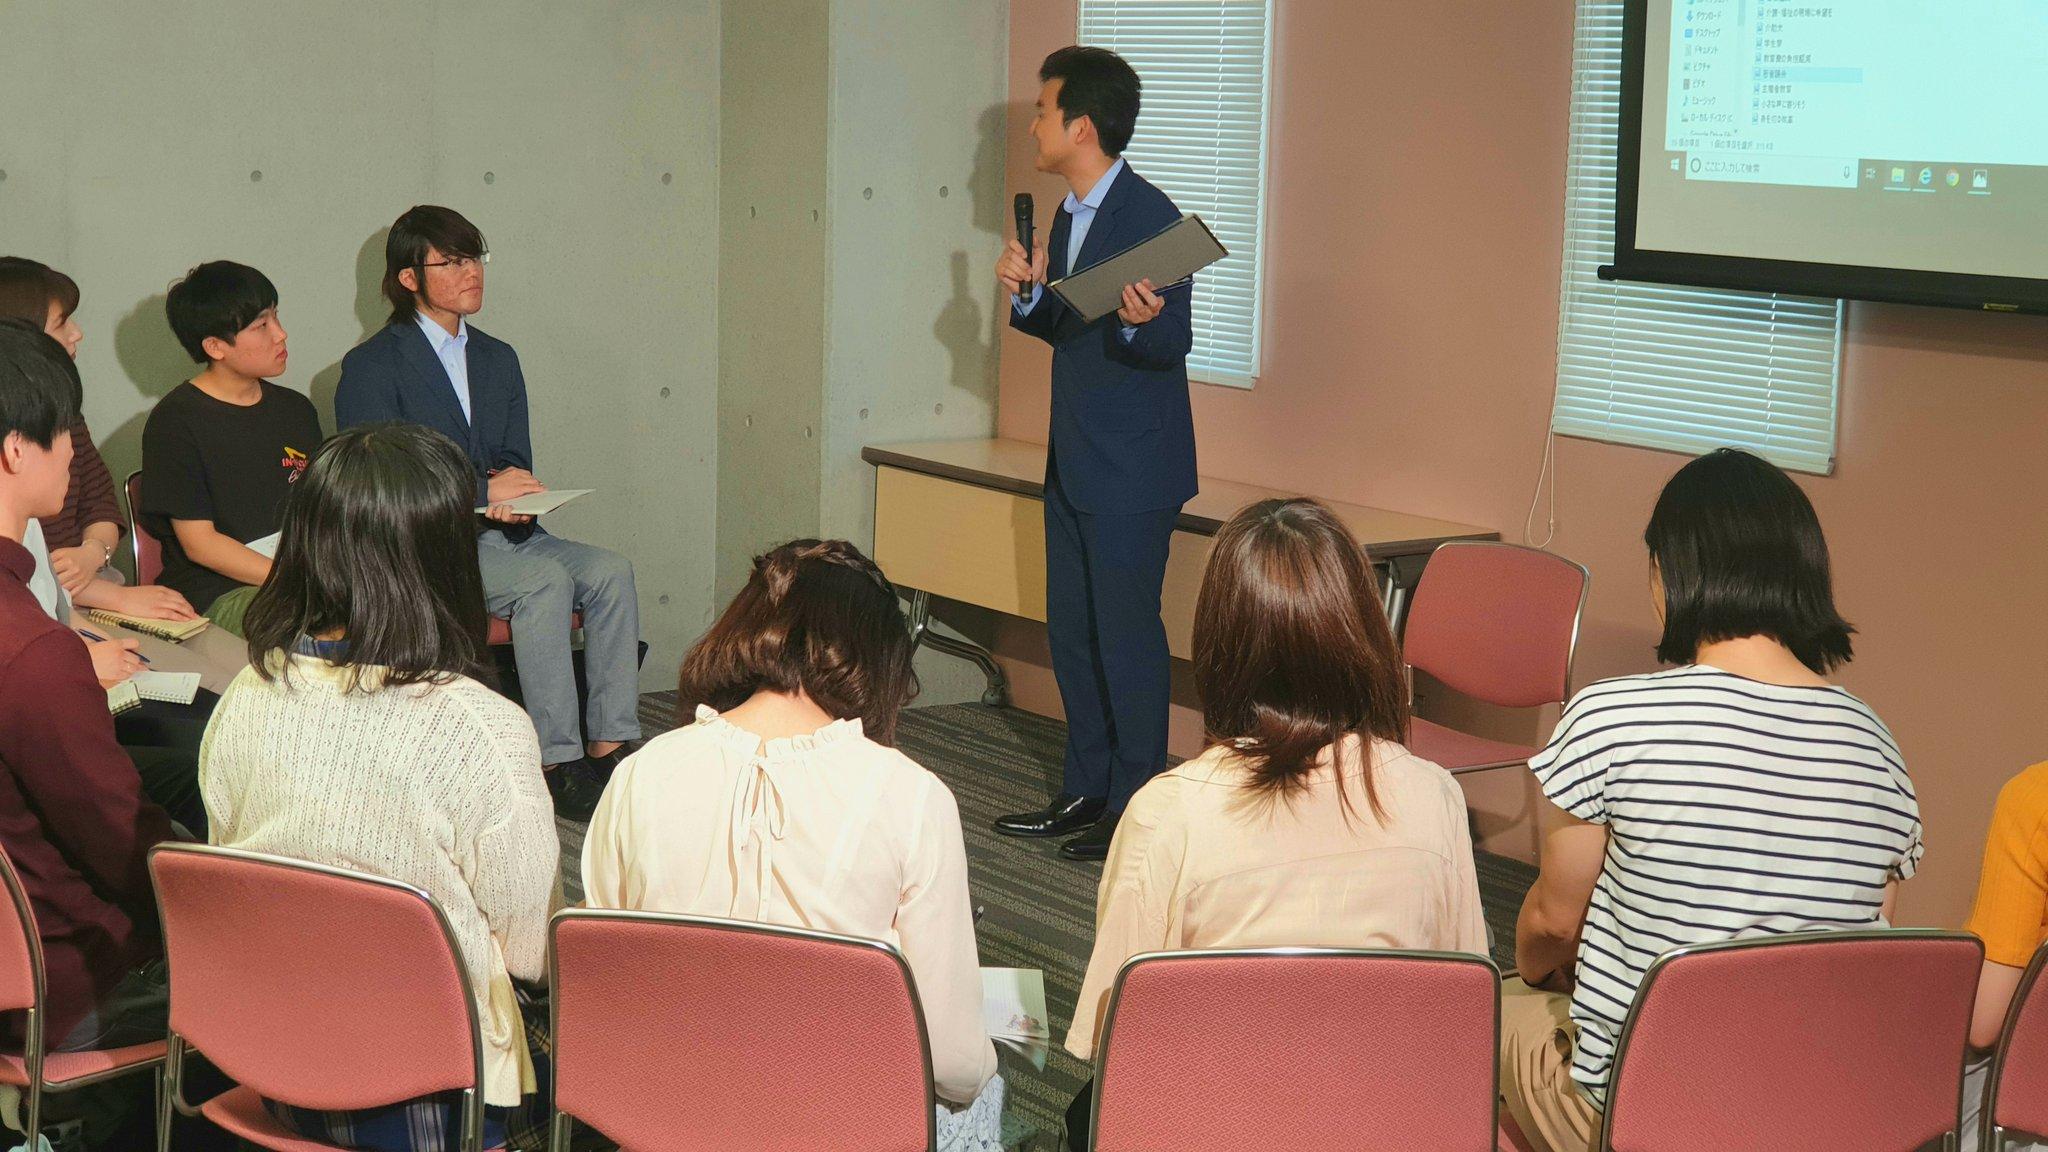 愛知学院大学のゼミ生と語り合う機会をいただきました